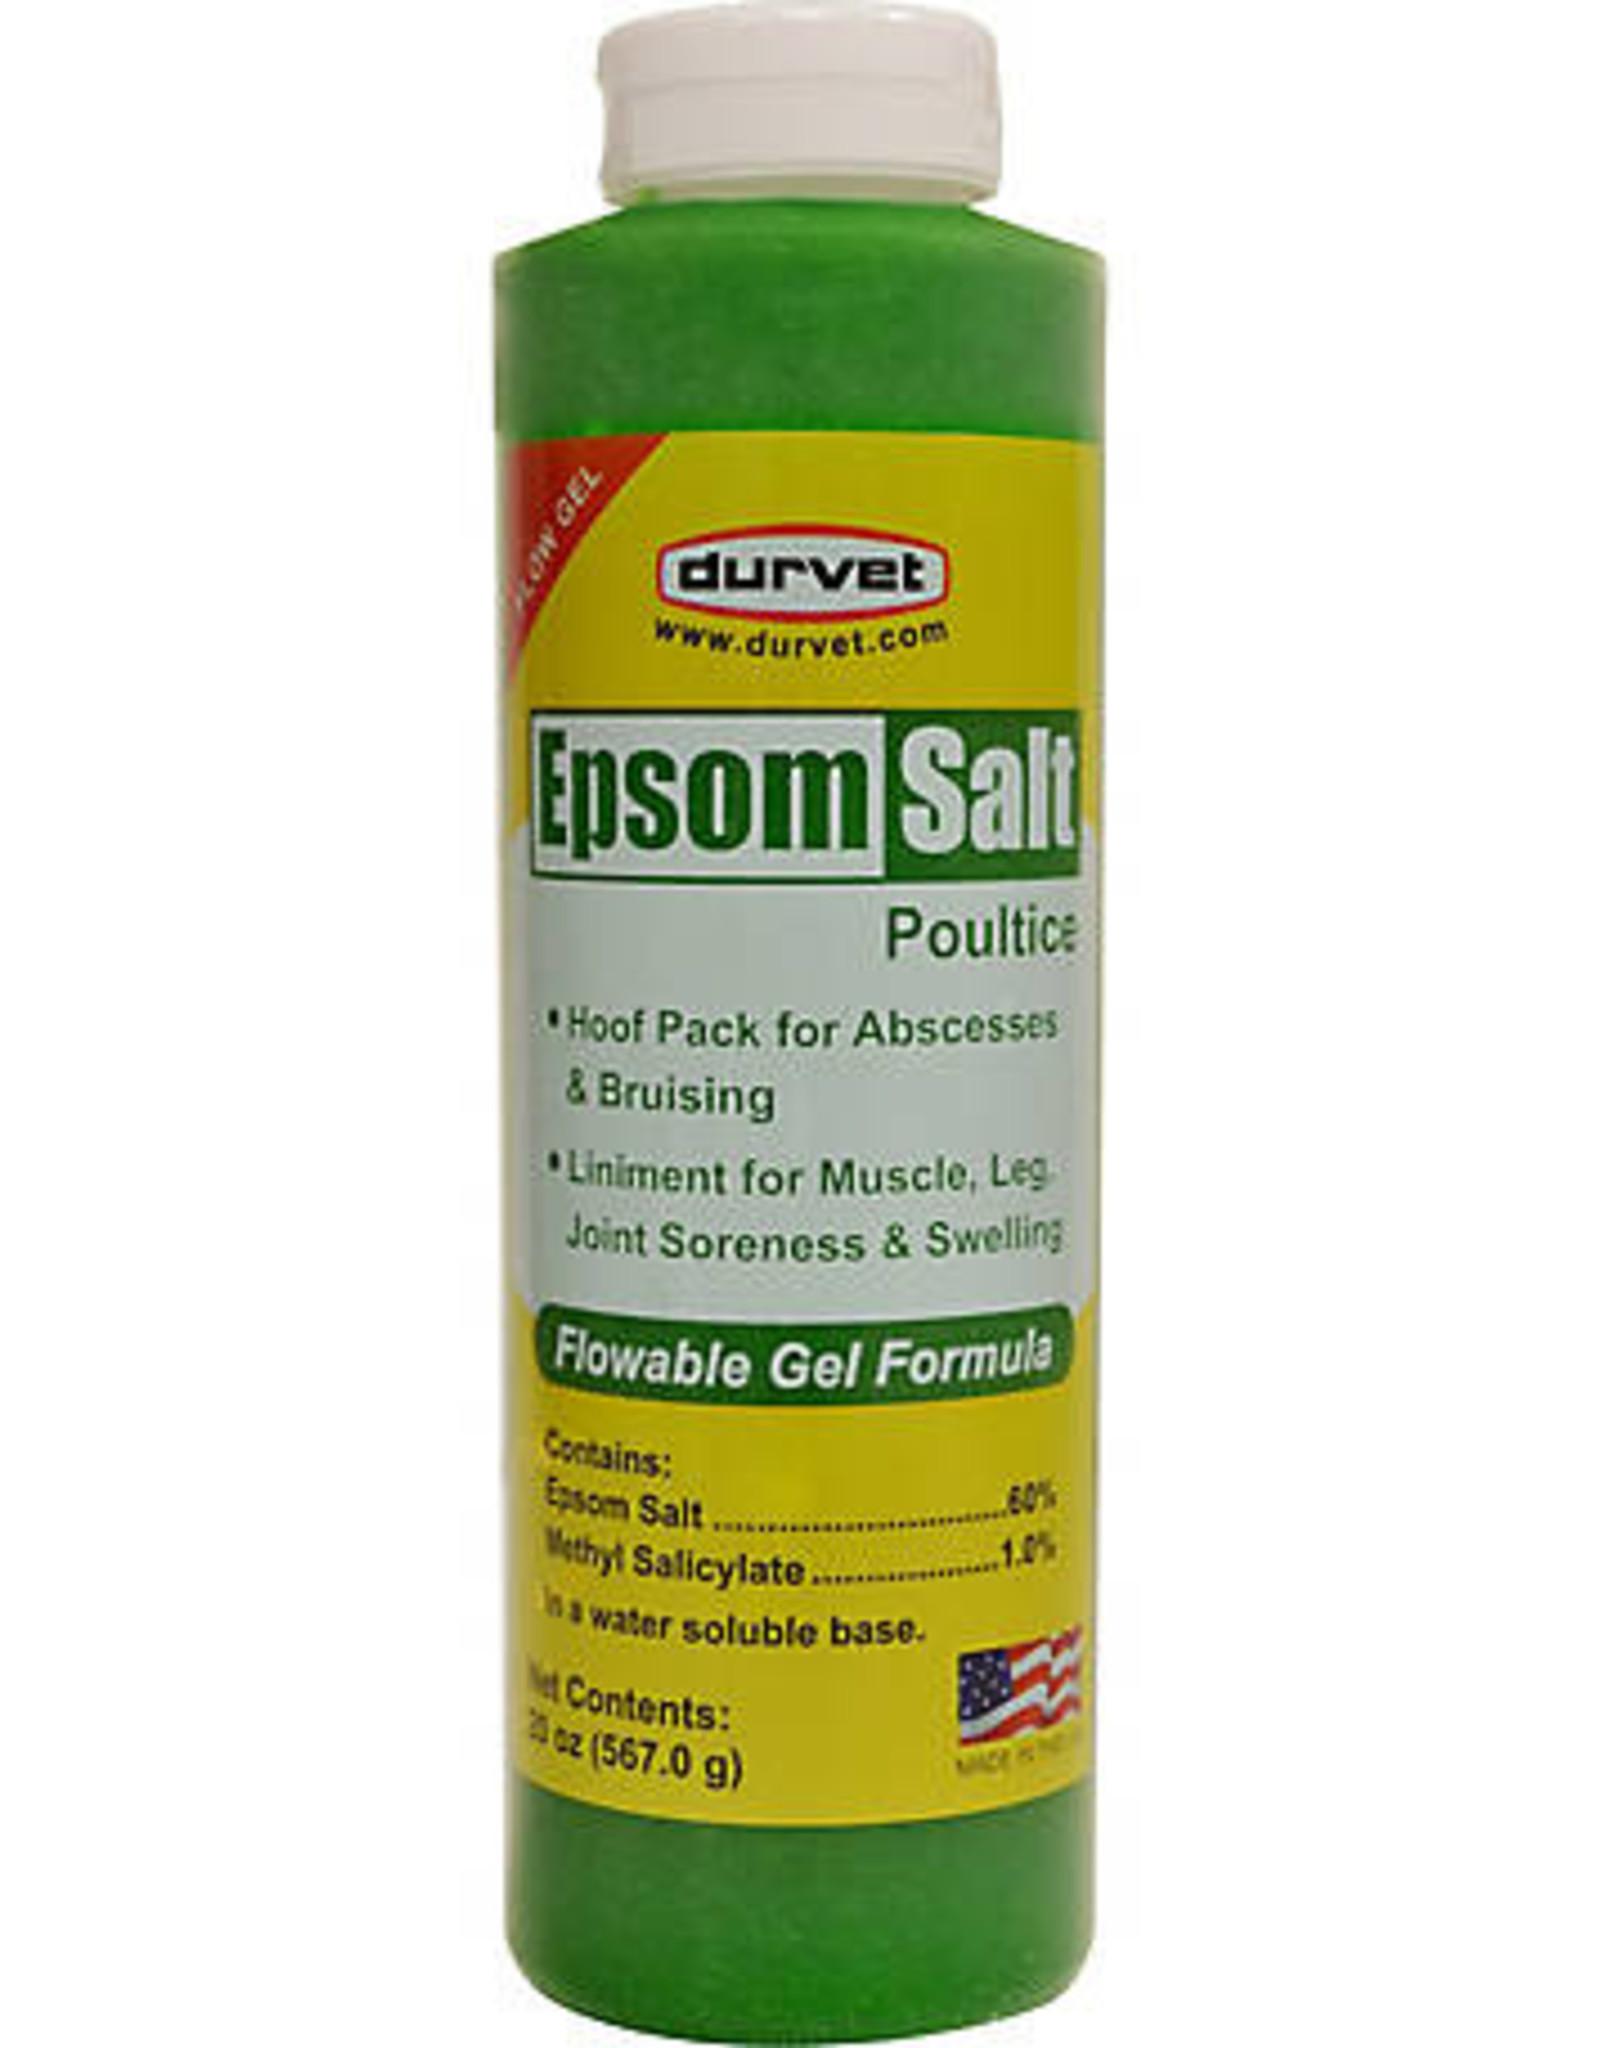 Epson Salt Poultice - 20oz